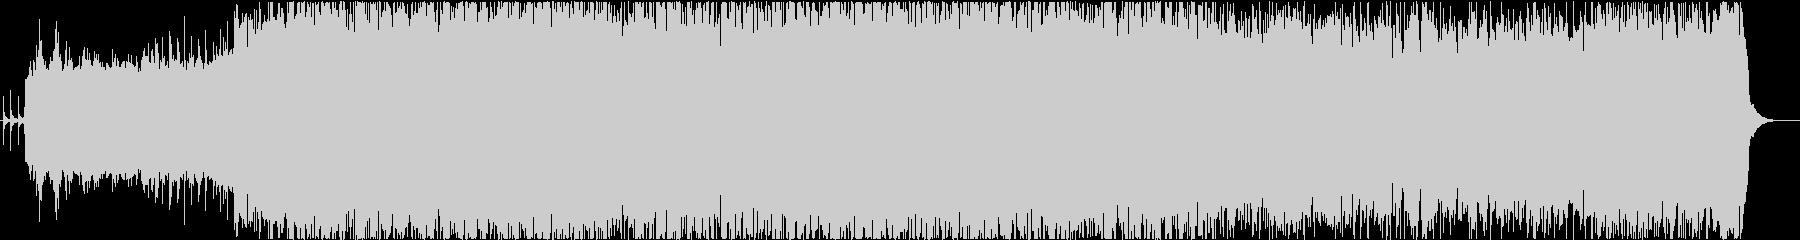 生演奏/パンク/学園祭/バンド/逃走の未再生の波形